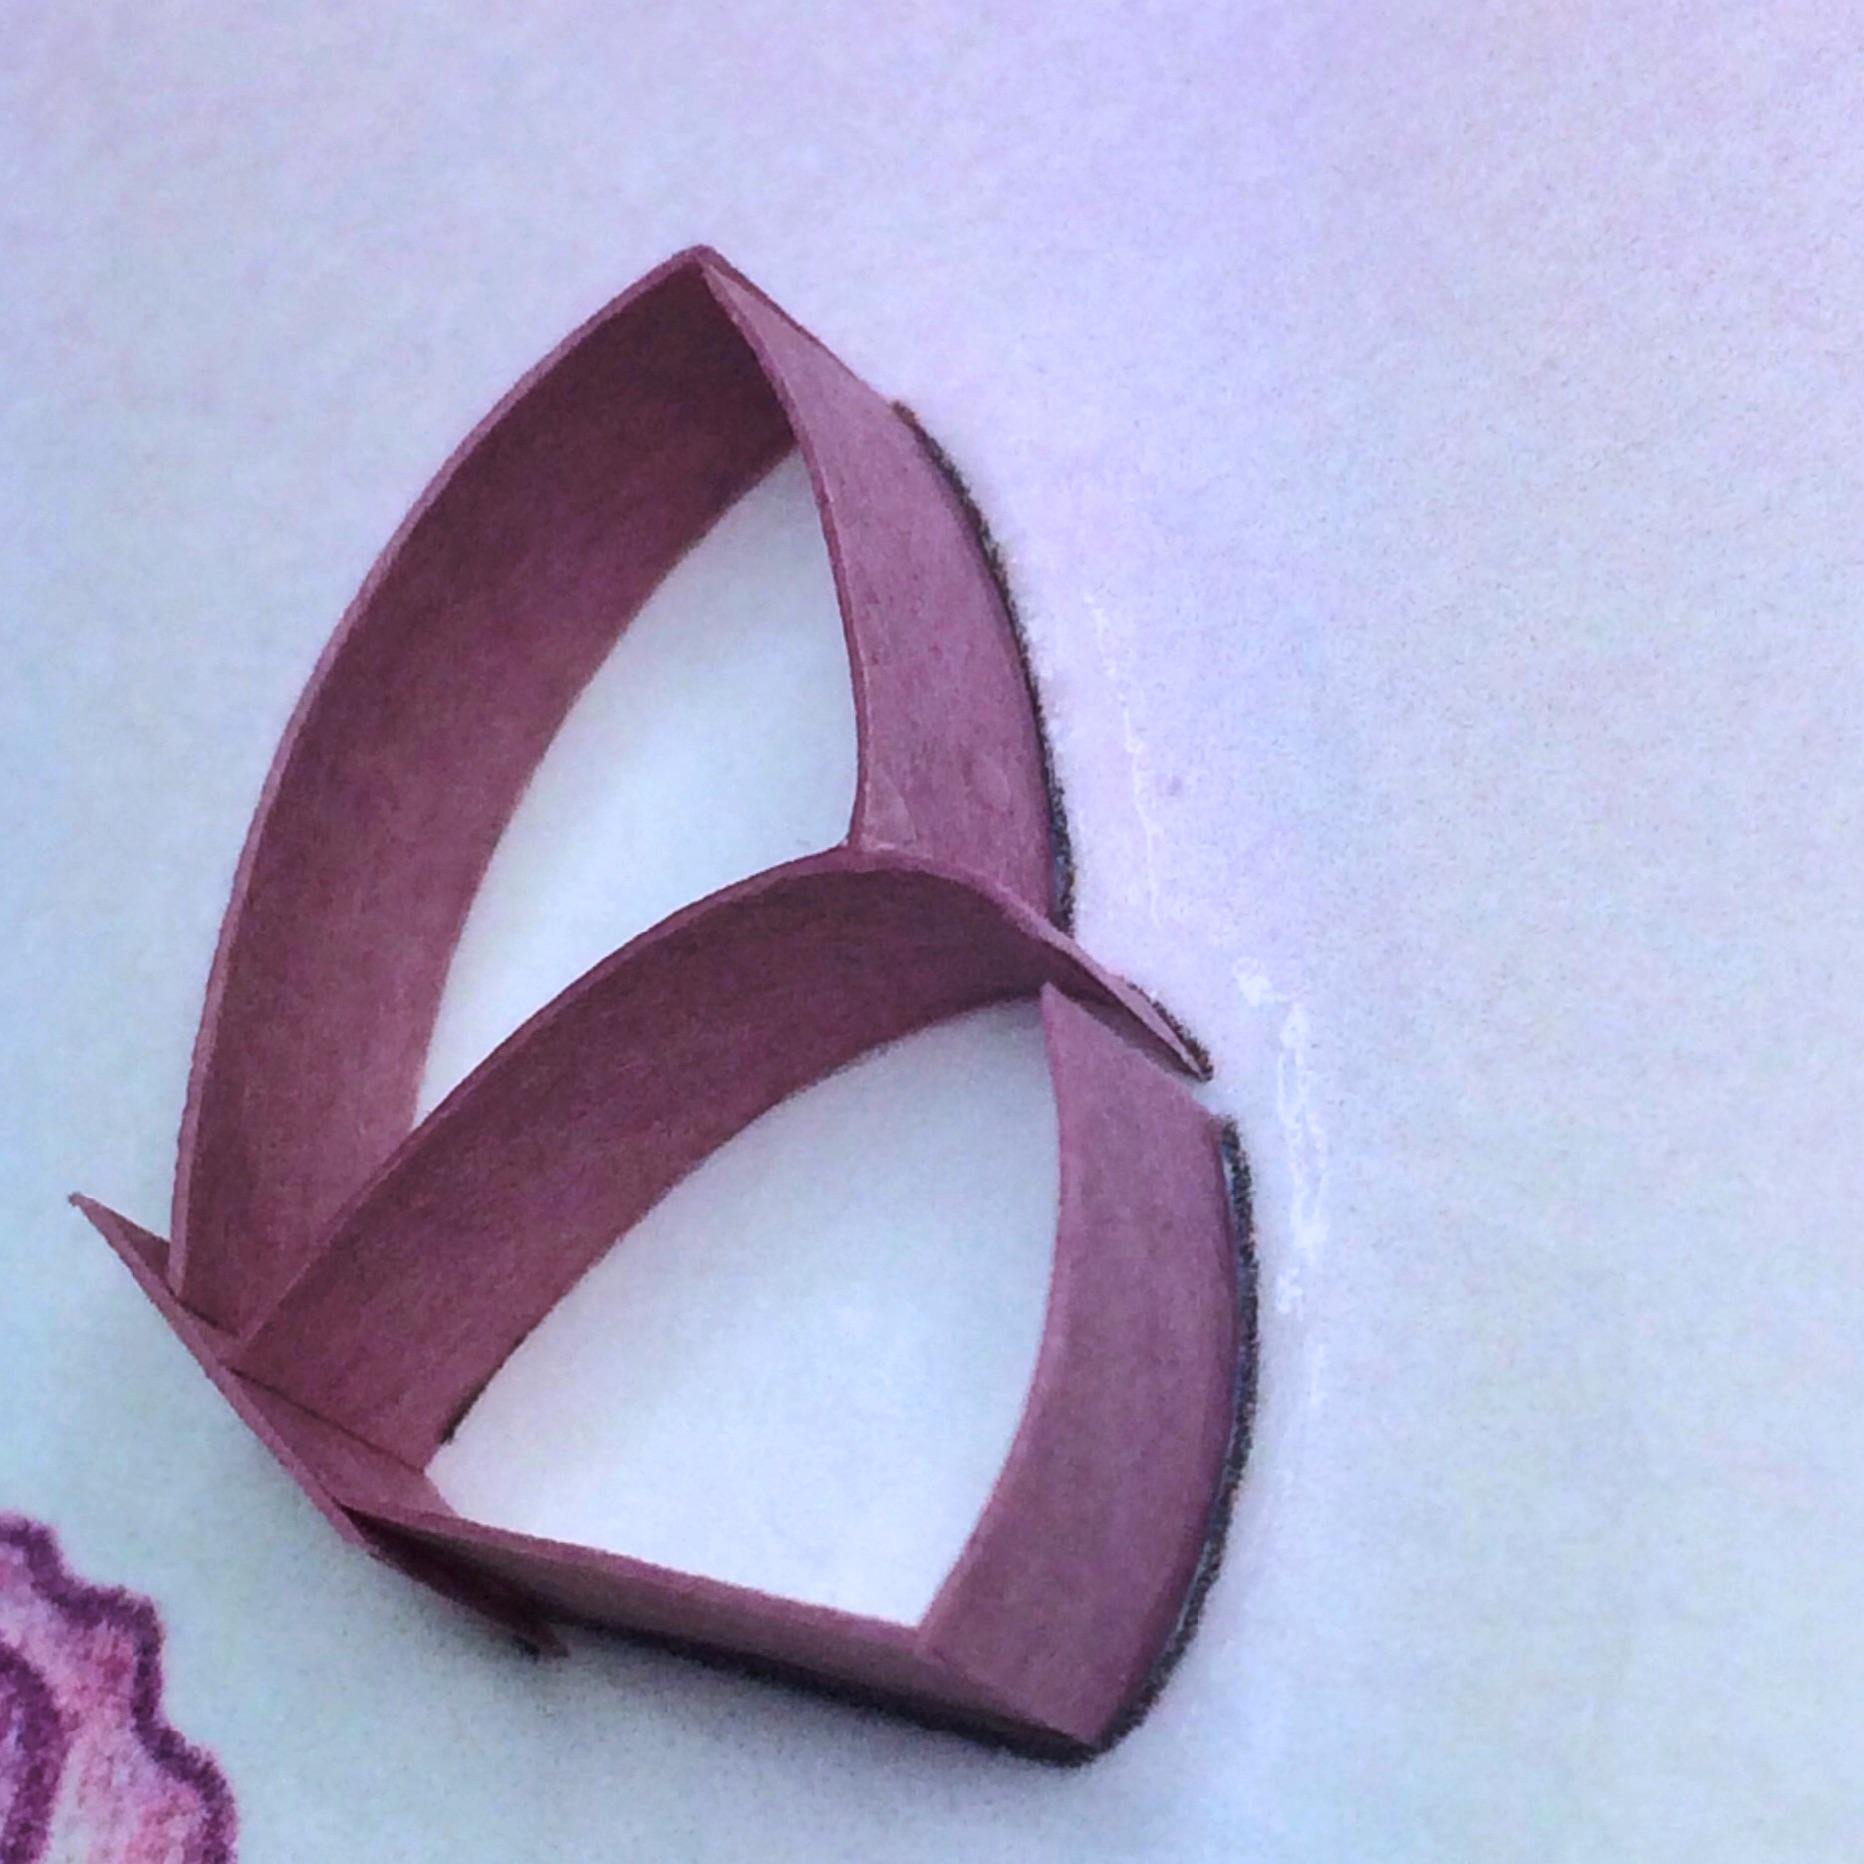 紙tateruテク ボンド跡画像1